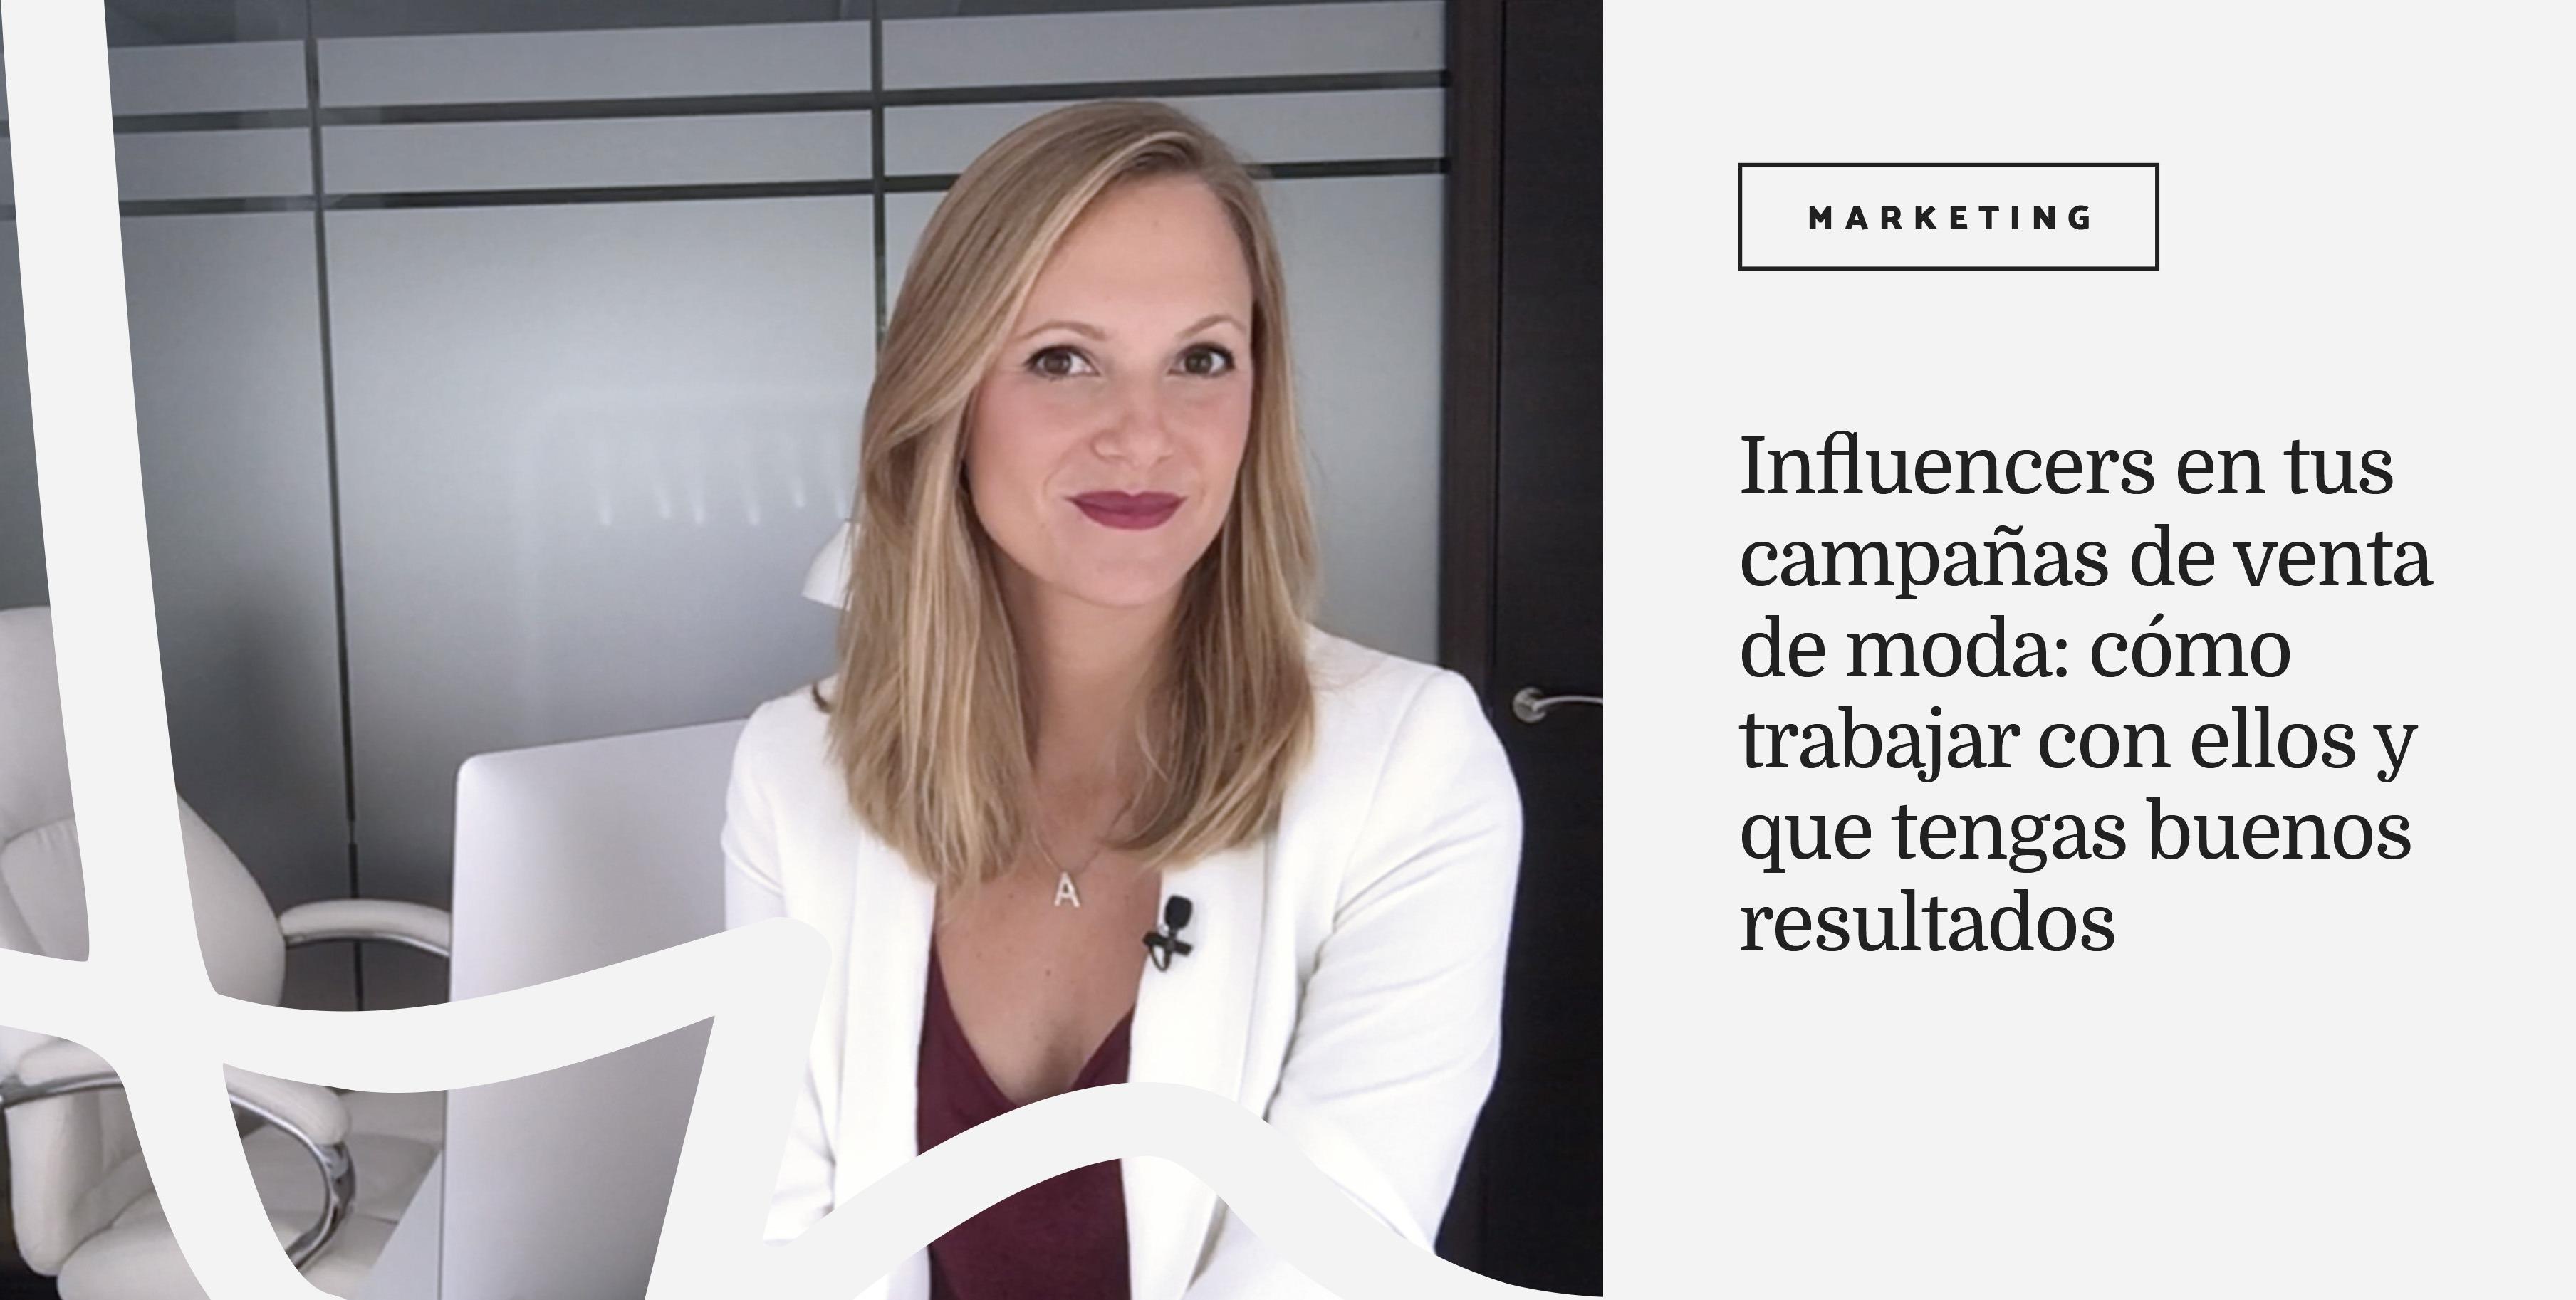 influencers-y-moda-como-trabajar-Ana-Diaz-del-Rio-portada-03.jpg